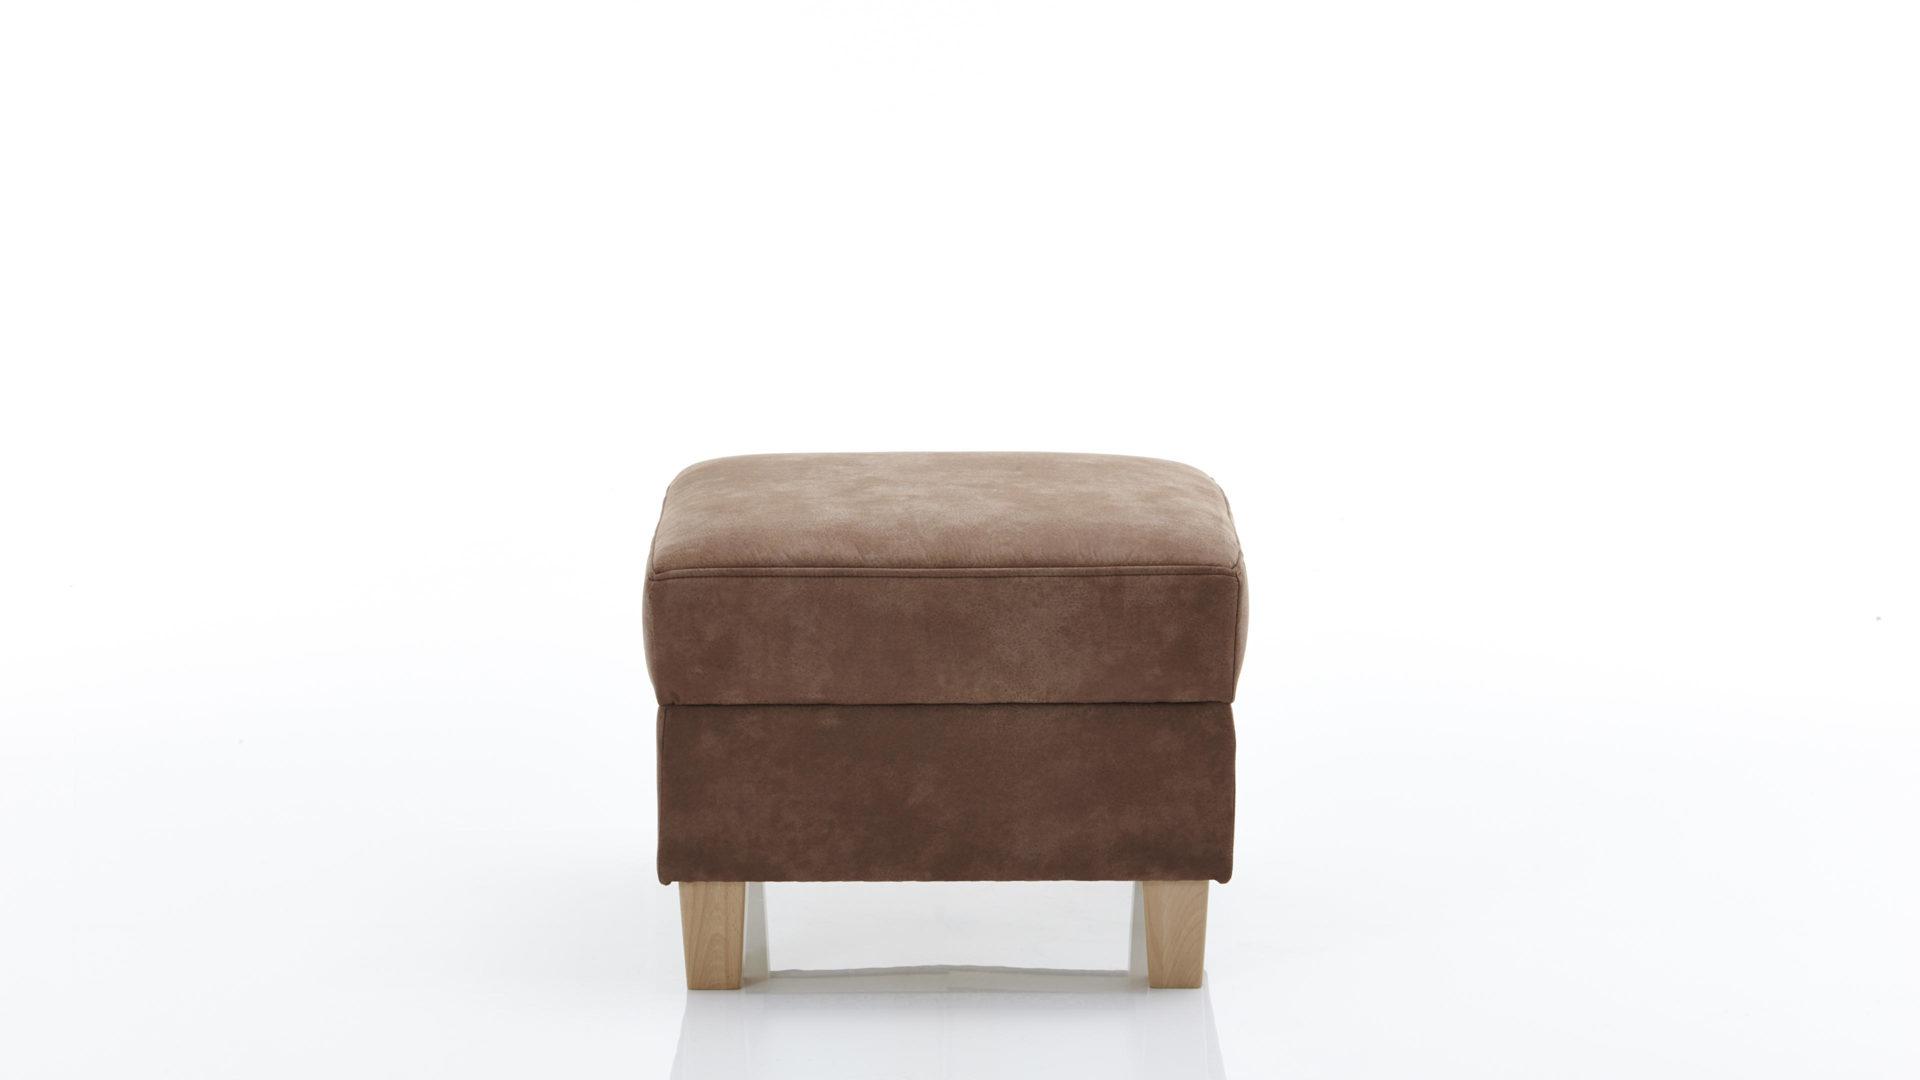 Hocker Mit Stauraum Als Sitzmöbel Mit Charme Espressofarbener Mikrofaserbezug Zeus 6180 Eichenholzfüße Ca 60 X 46 X 60